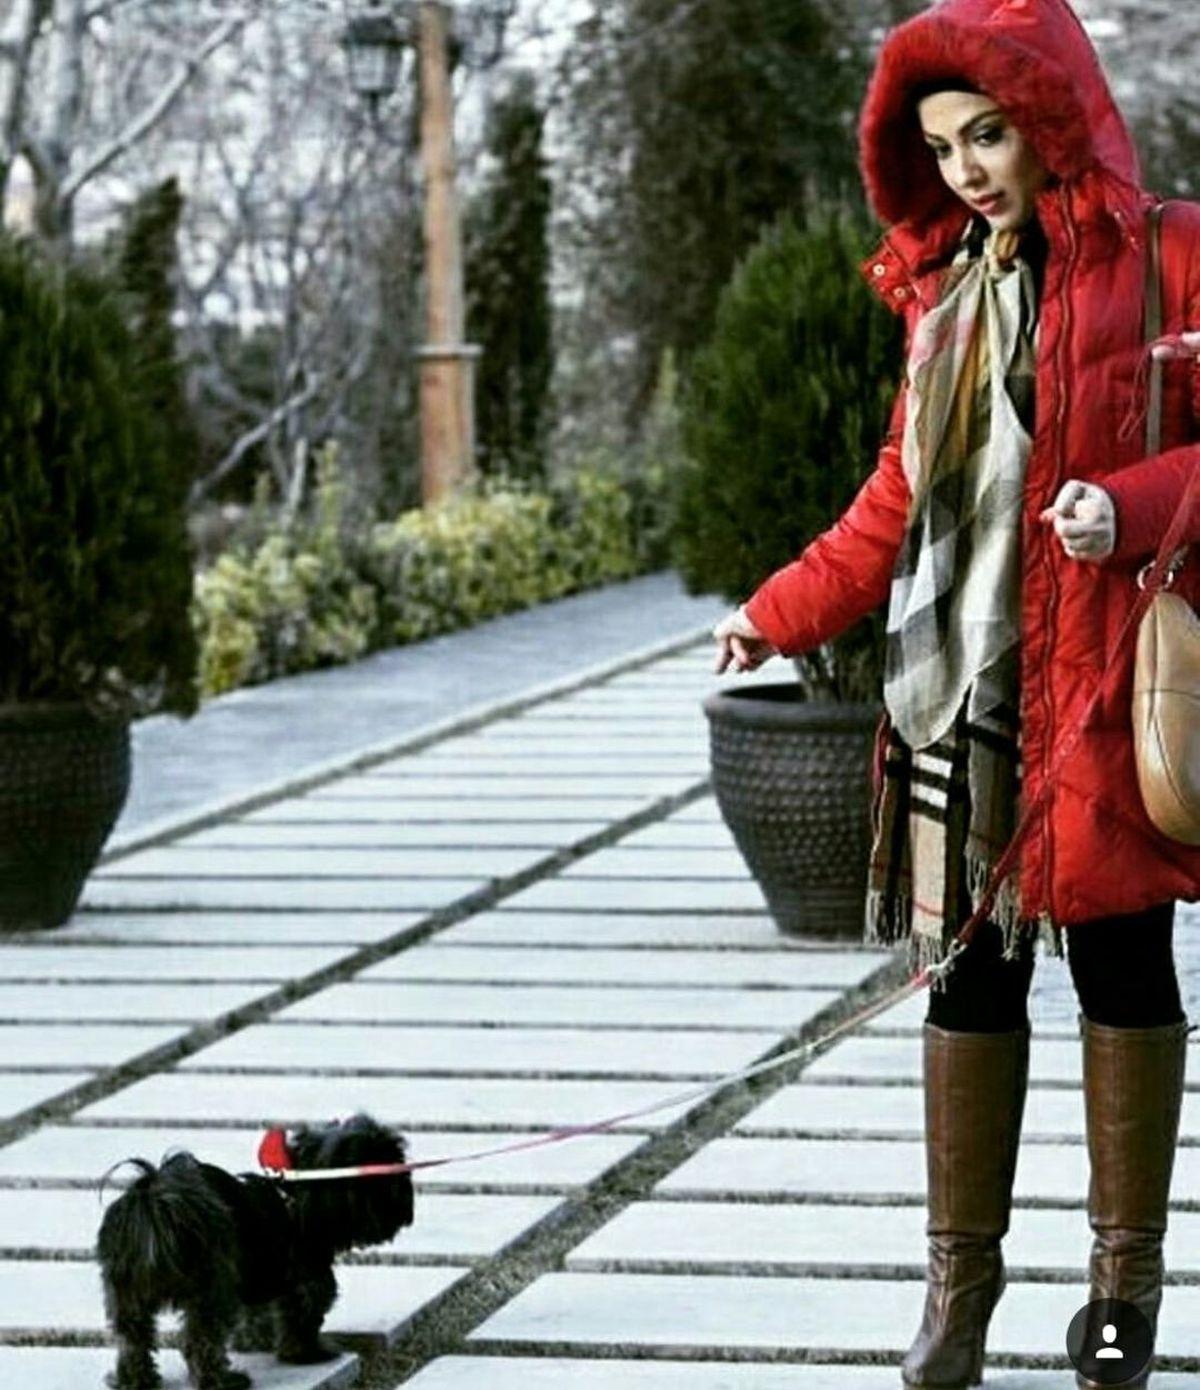 تیپ ناجور لیلا اوتادی در هنگام تفریح با سگش ! +عکس